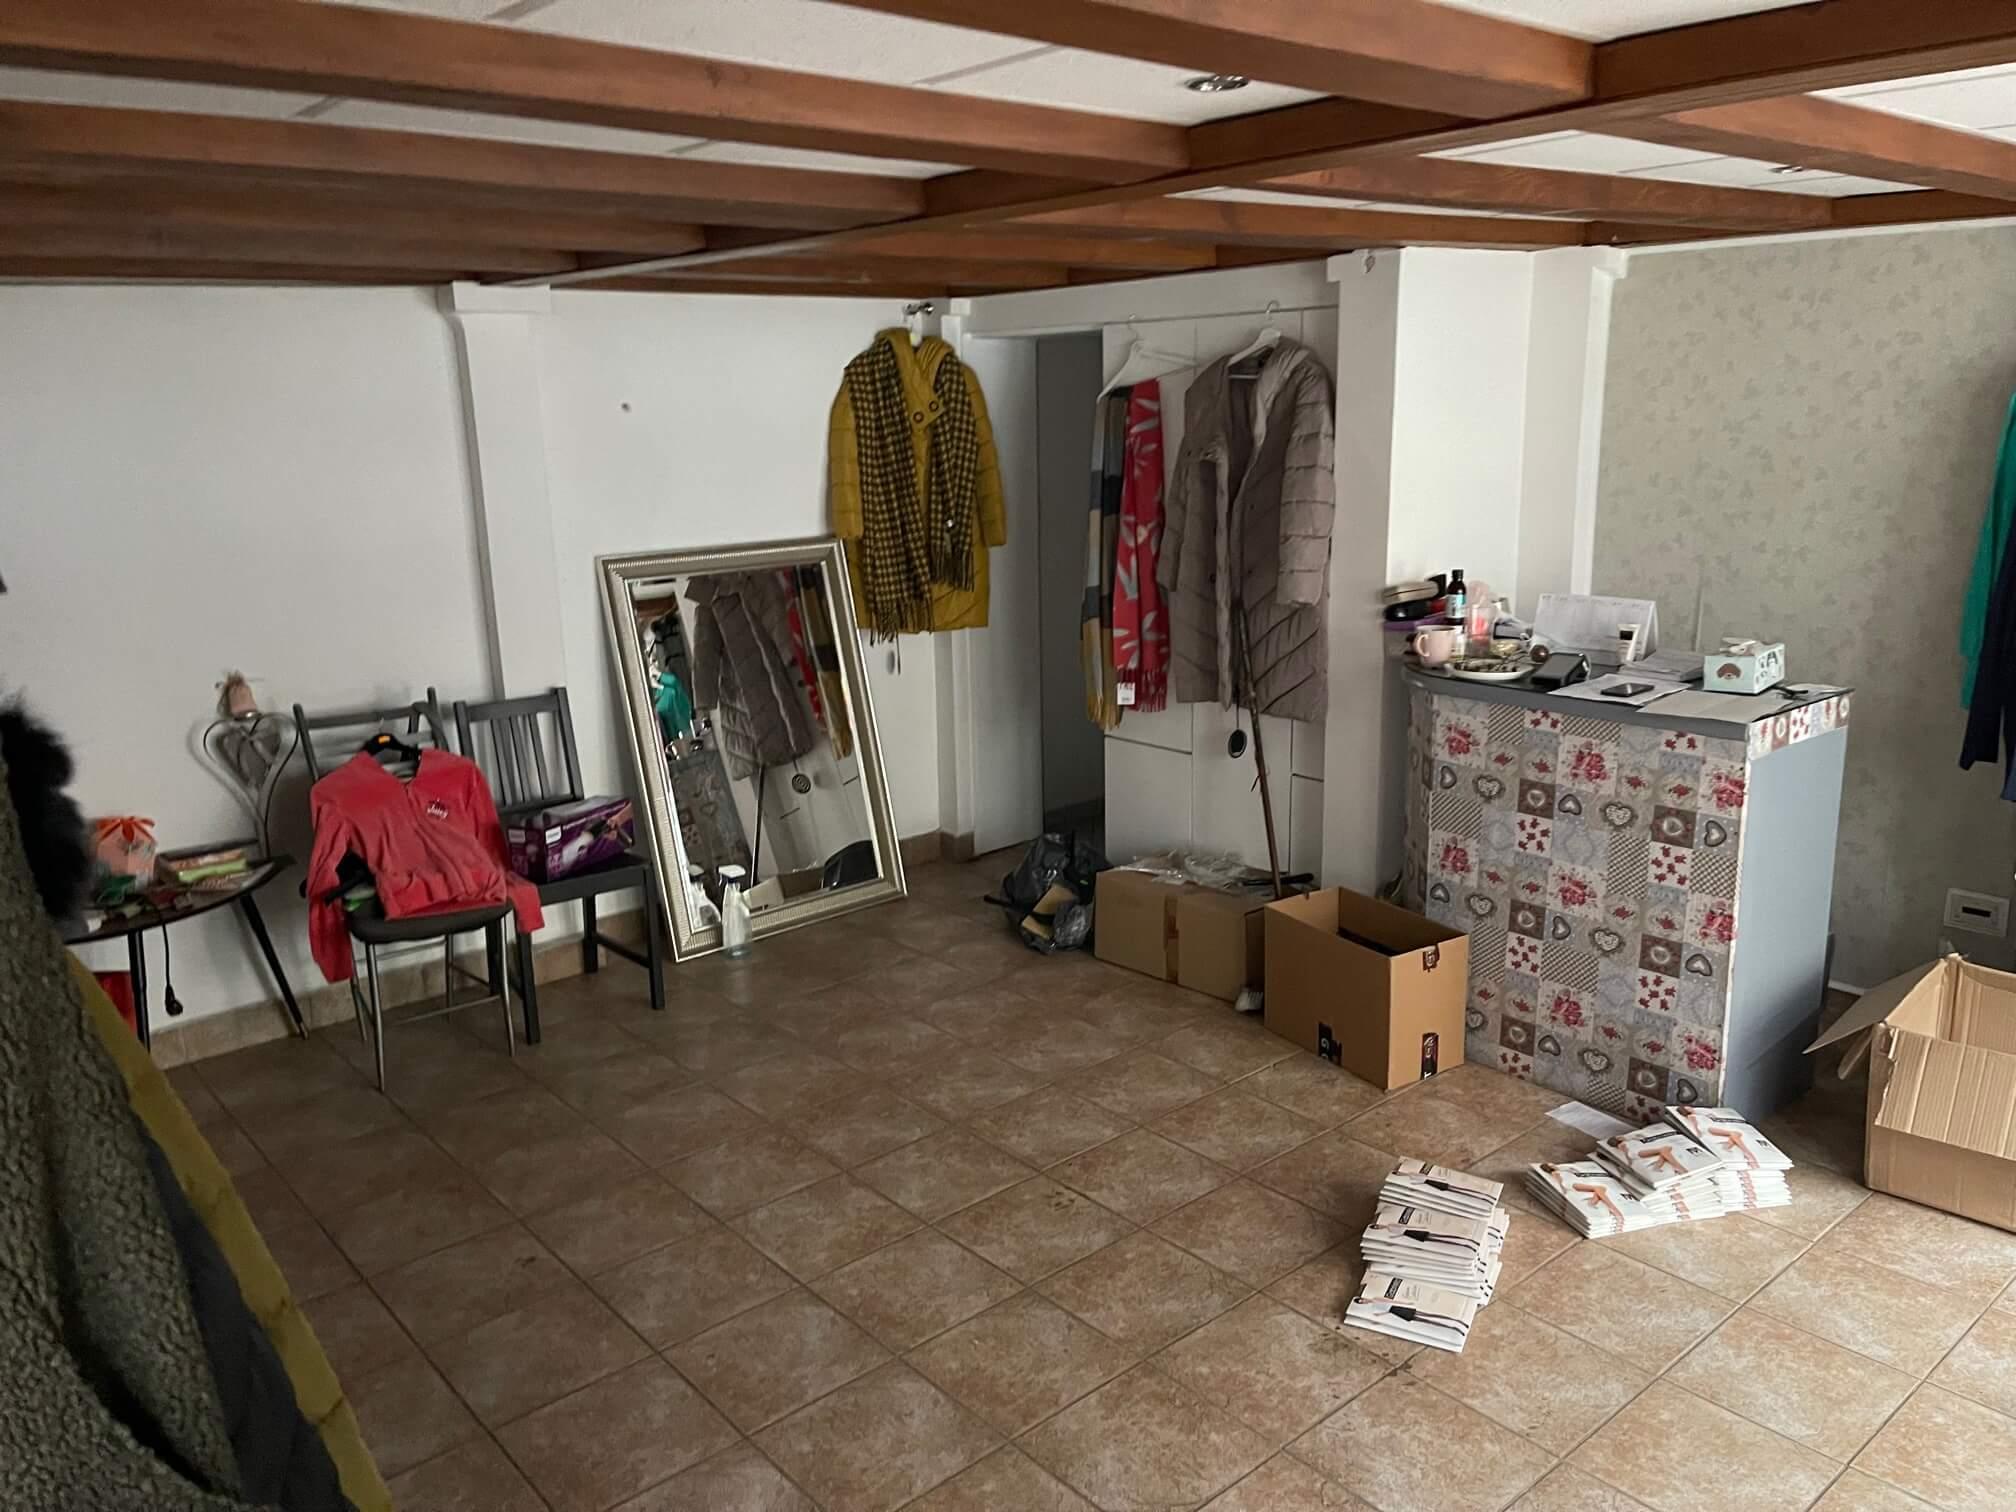 Obchodný priestor na prenájom, úžitková 42m2,  Košická 42, 2xwc, kuchynka, sklad-3